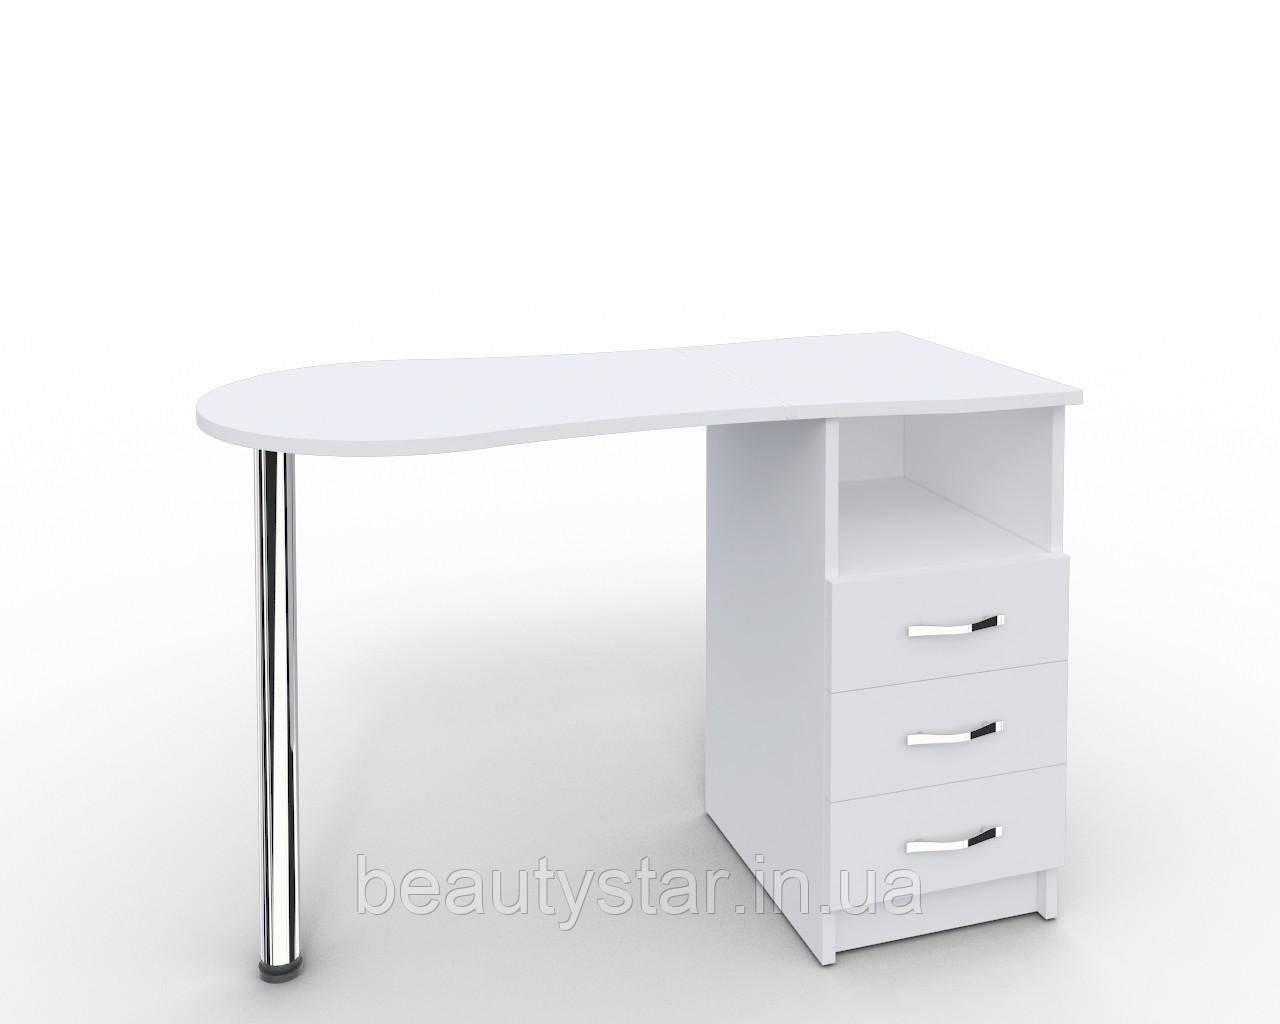 """Стіл для манікюру c висувними ящиками """"Естет"""" білий Манікюрний стіл для салону краси"""